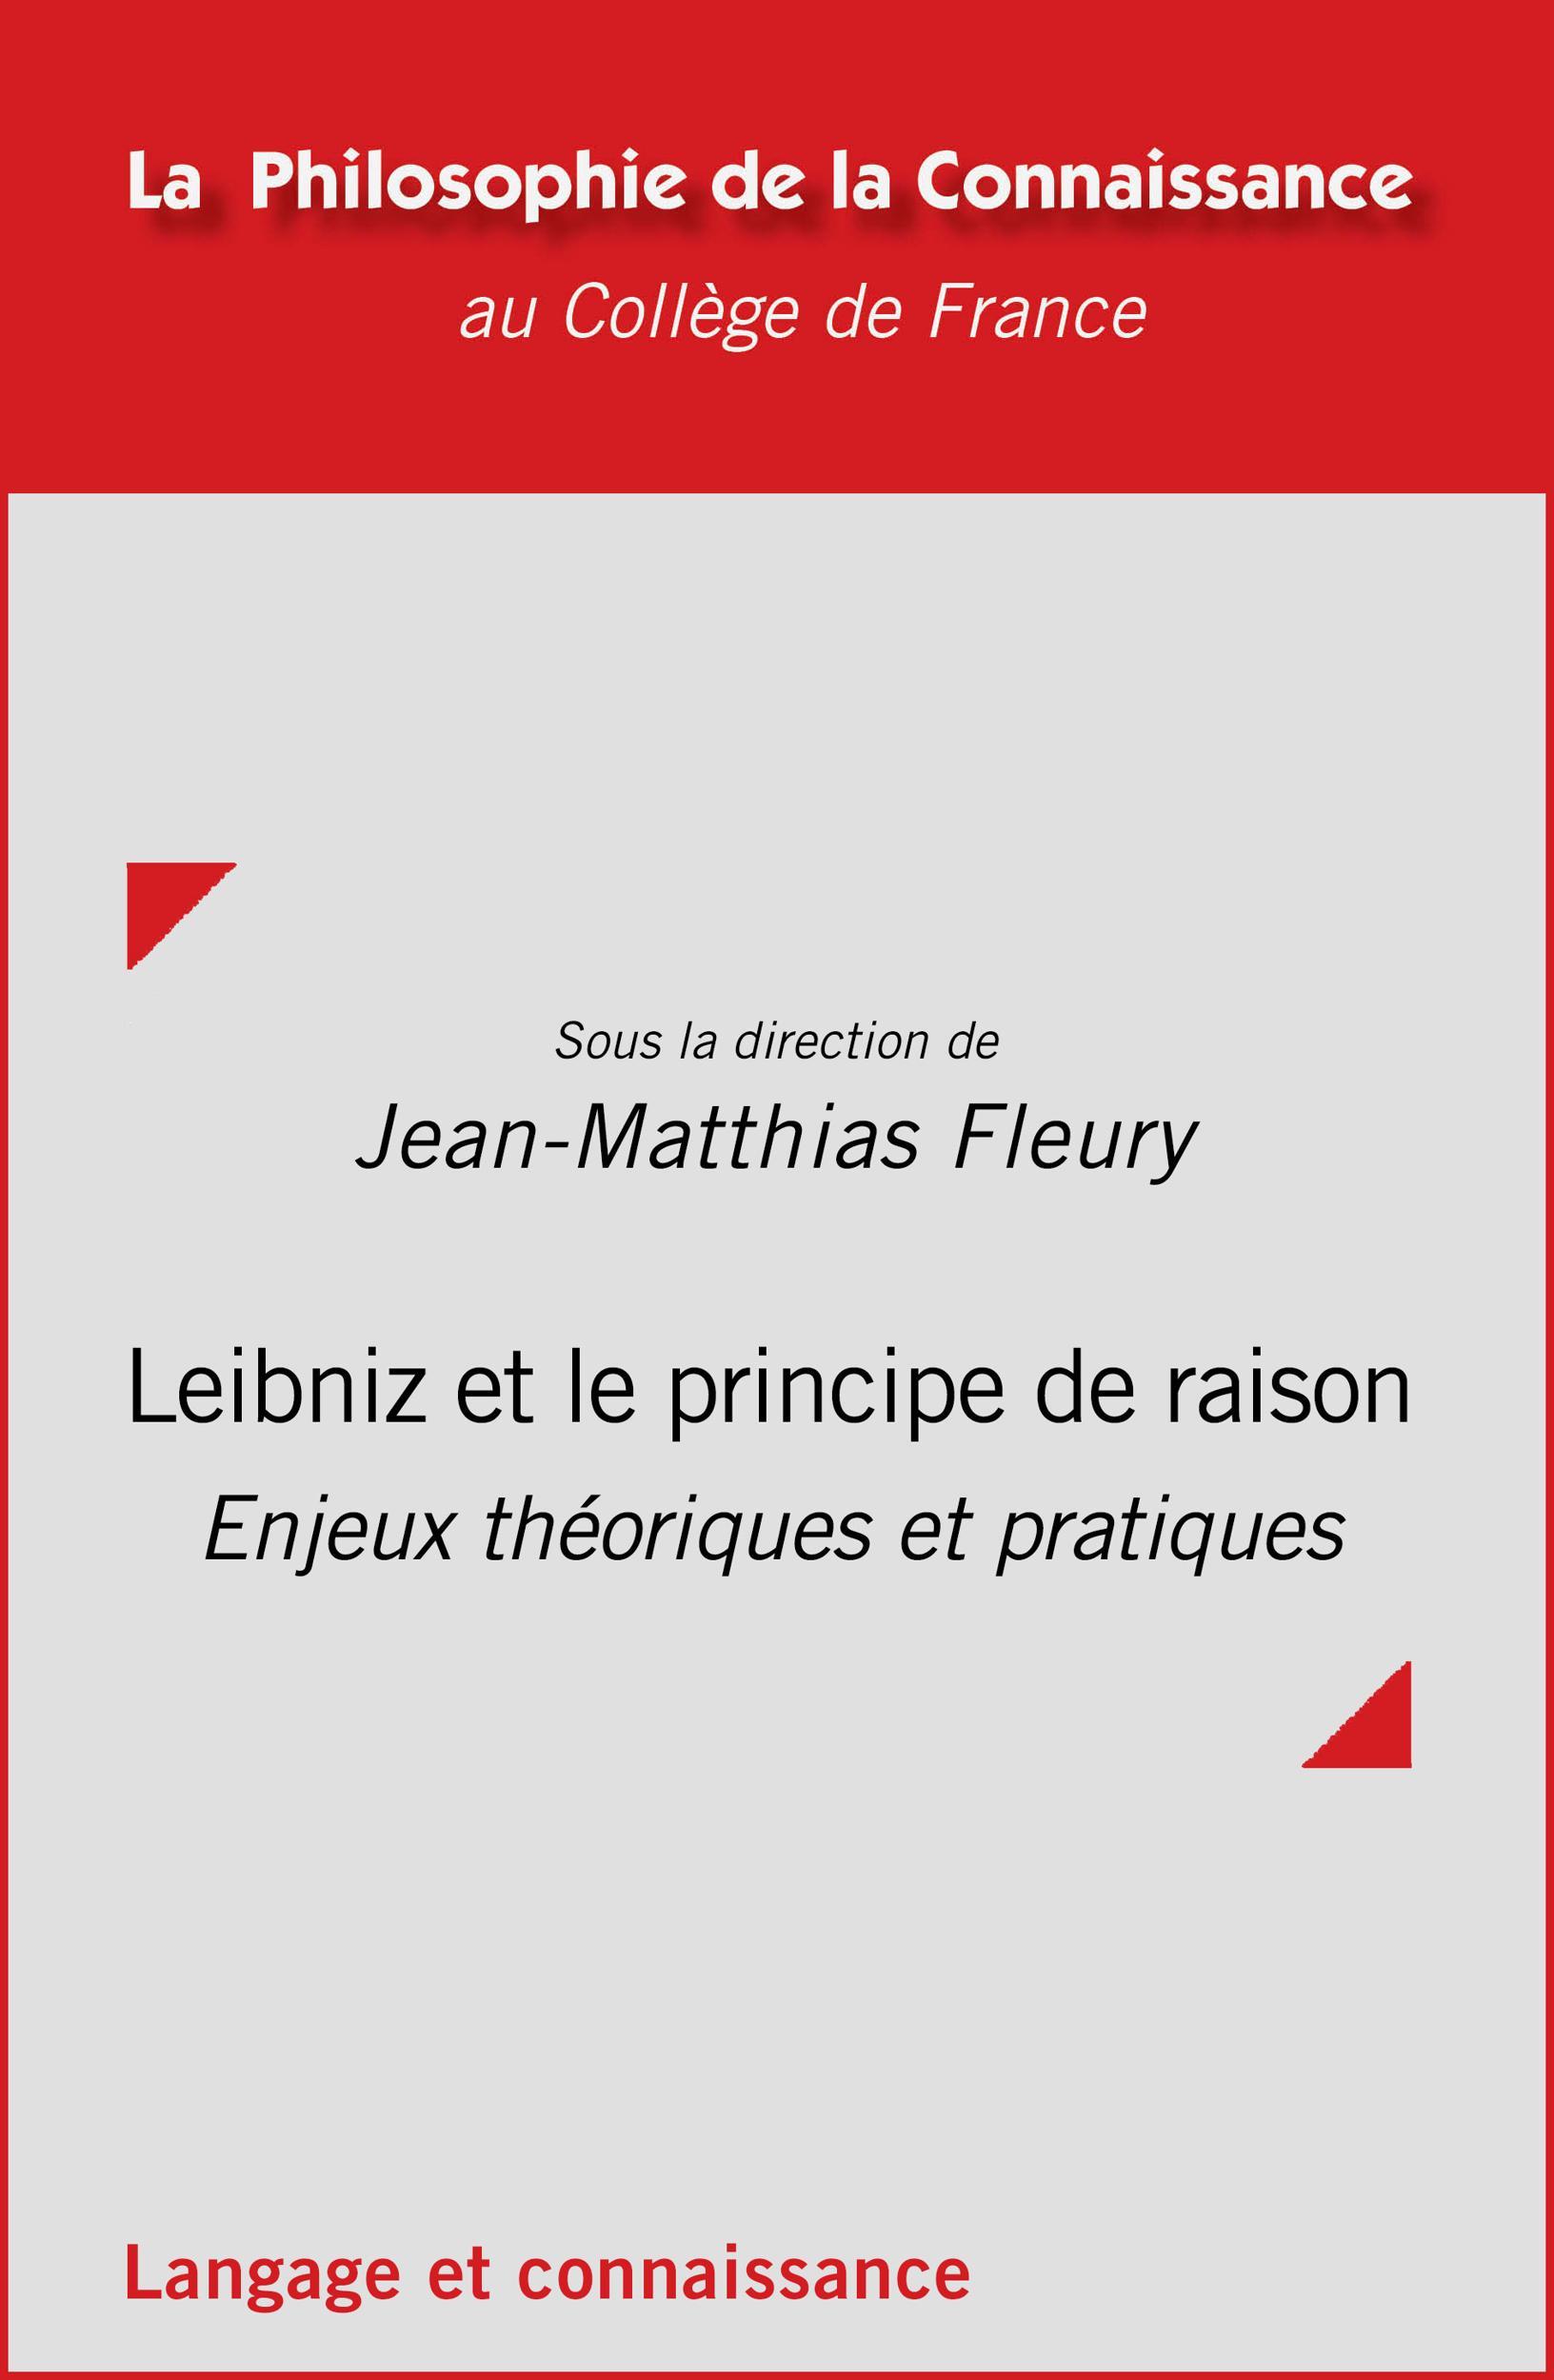 Leibniz et le principe de raison, ENJEUX THÉORIQUES ET PRATIQUES